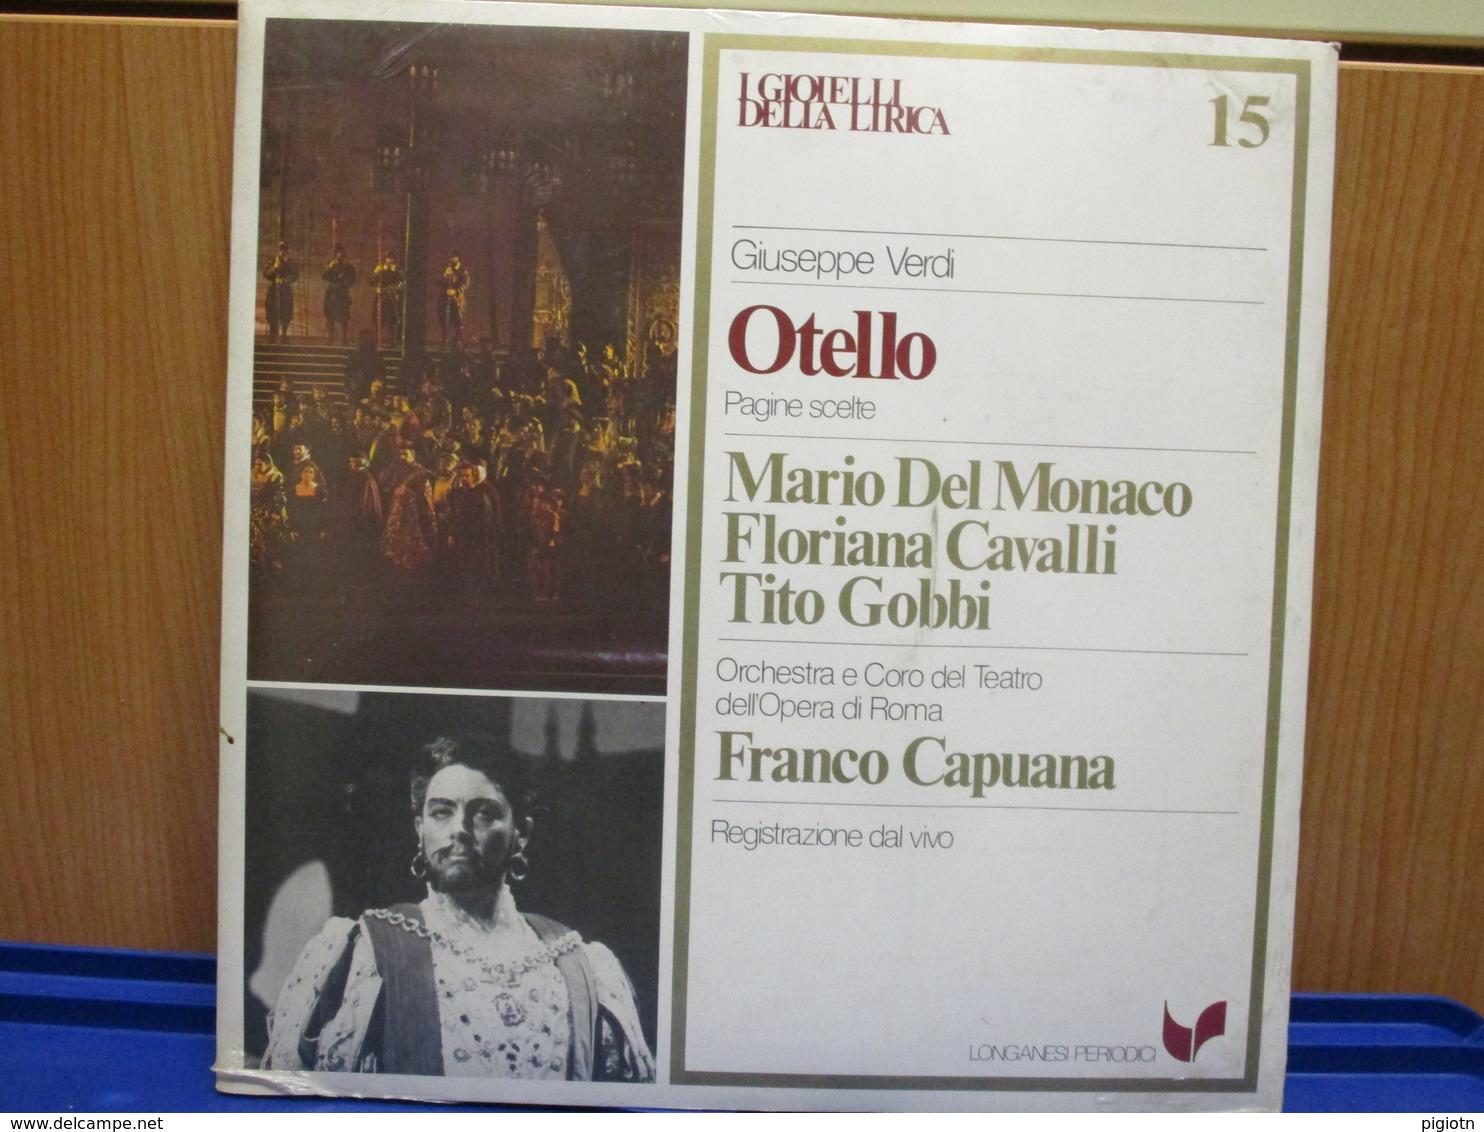 LP036-I GIOIELLI DELLA LIRICA -OTELLO- N. 15 - MARIO DEL MONACO-FLORIANA CAVALLI-TITO GOBBI - NUOVO - Oper & Operette